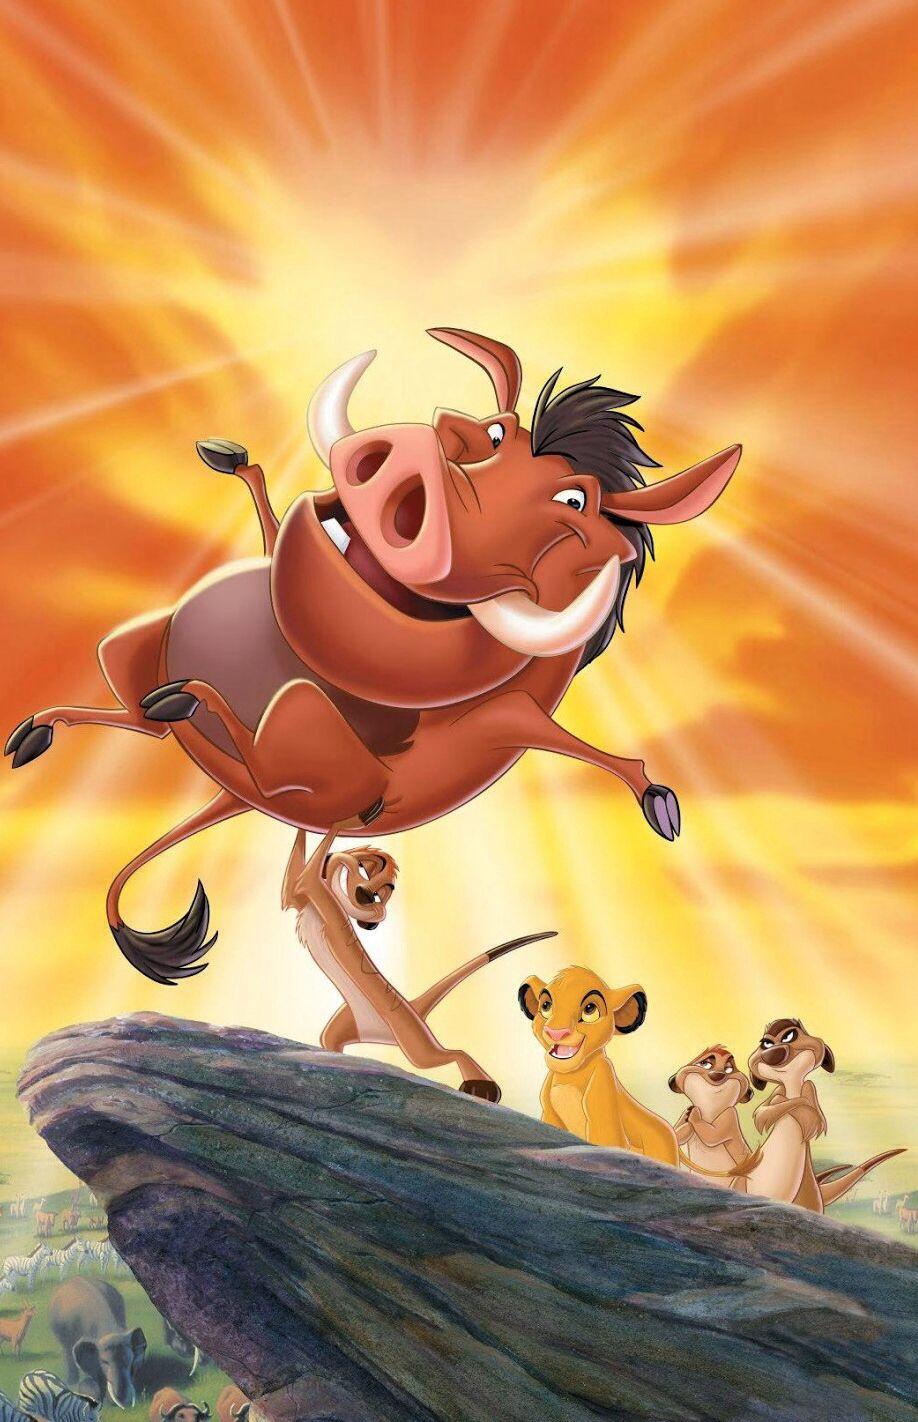 Pumba Timon Y Simba Walt Disney El Rey Leon 3 Rey Leon Carteleras De Cine Fotos De Princesas Disney